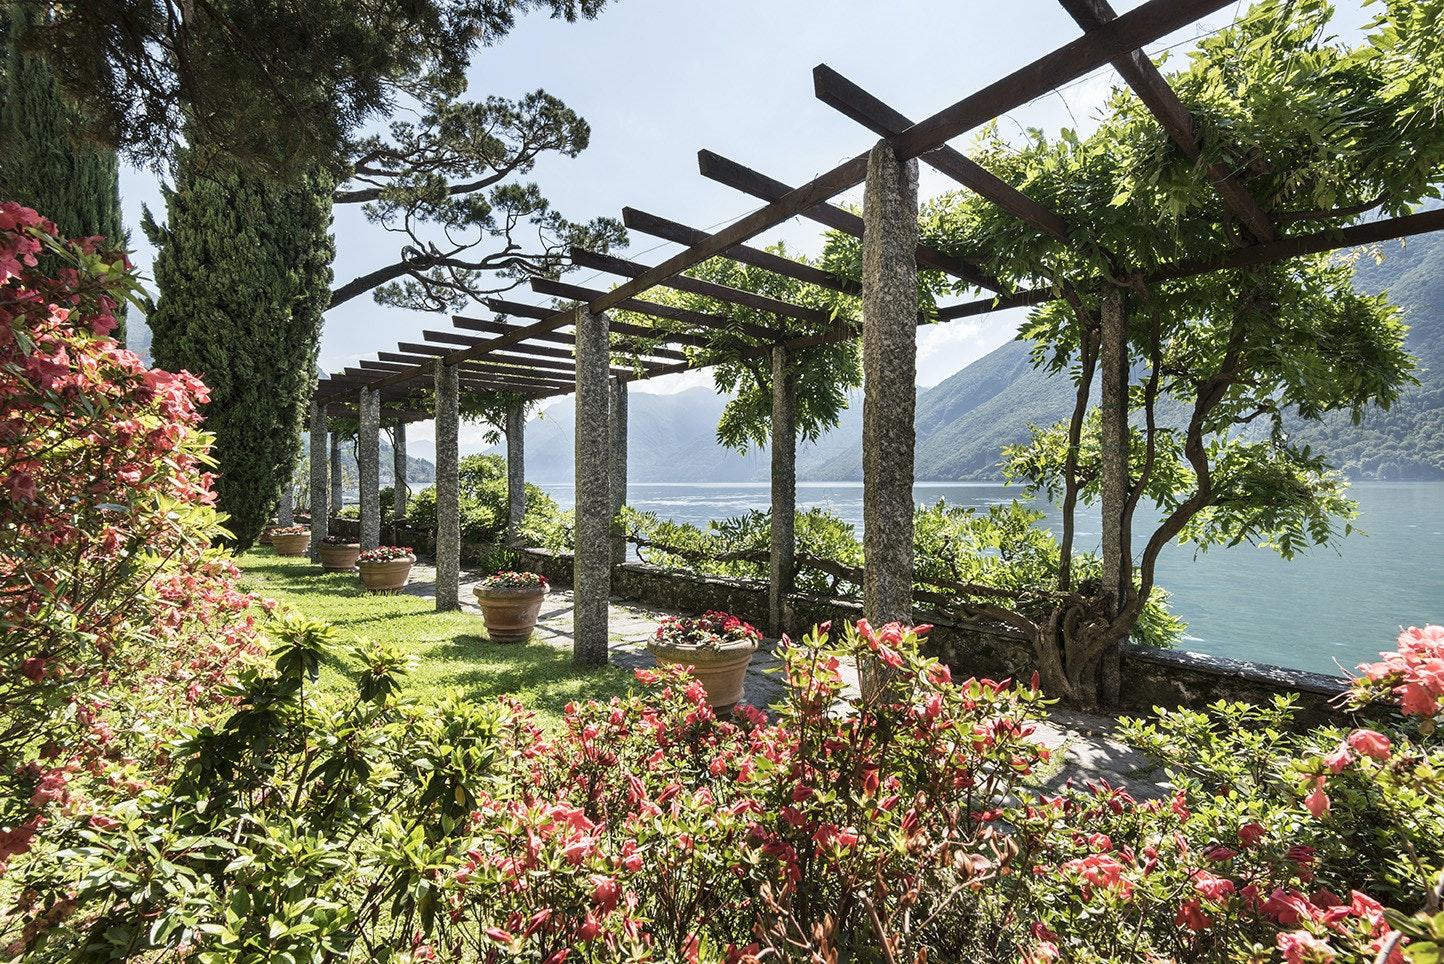 Villa Fogazzaro Roi, Oria Valsolda (CO). Foto di Susy Mezzanotte © FAI.